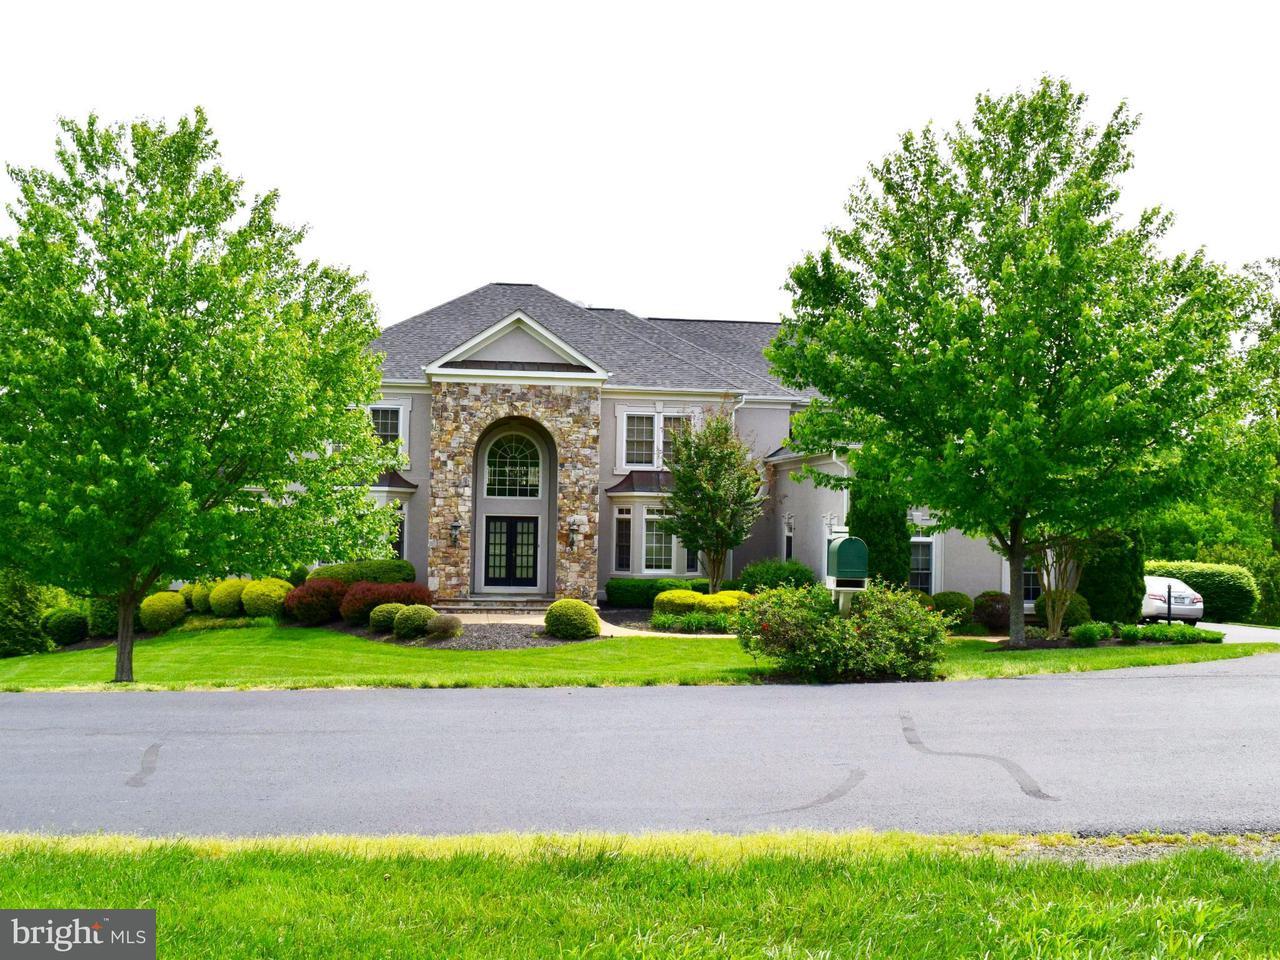 獨棟家庭住宅 為 出售 在 15854 SPYGLASS HILL LOOP 15854 SPYGLASS HILL LOOP Gainesville, 弗吉尼亞州 20155 美國